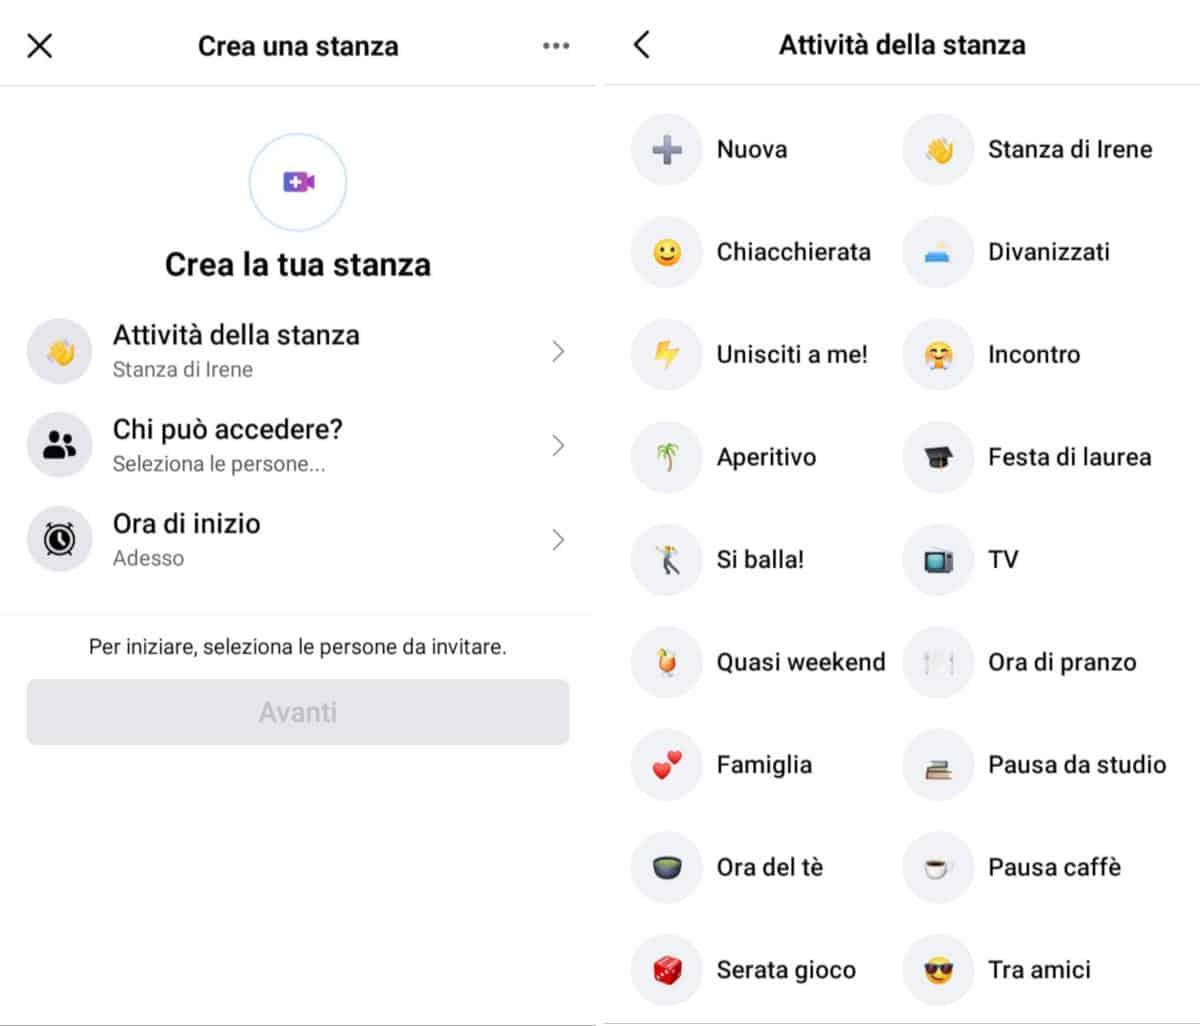 come creare una stanza su Facebook Messenger scelta attività